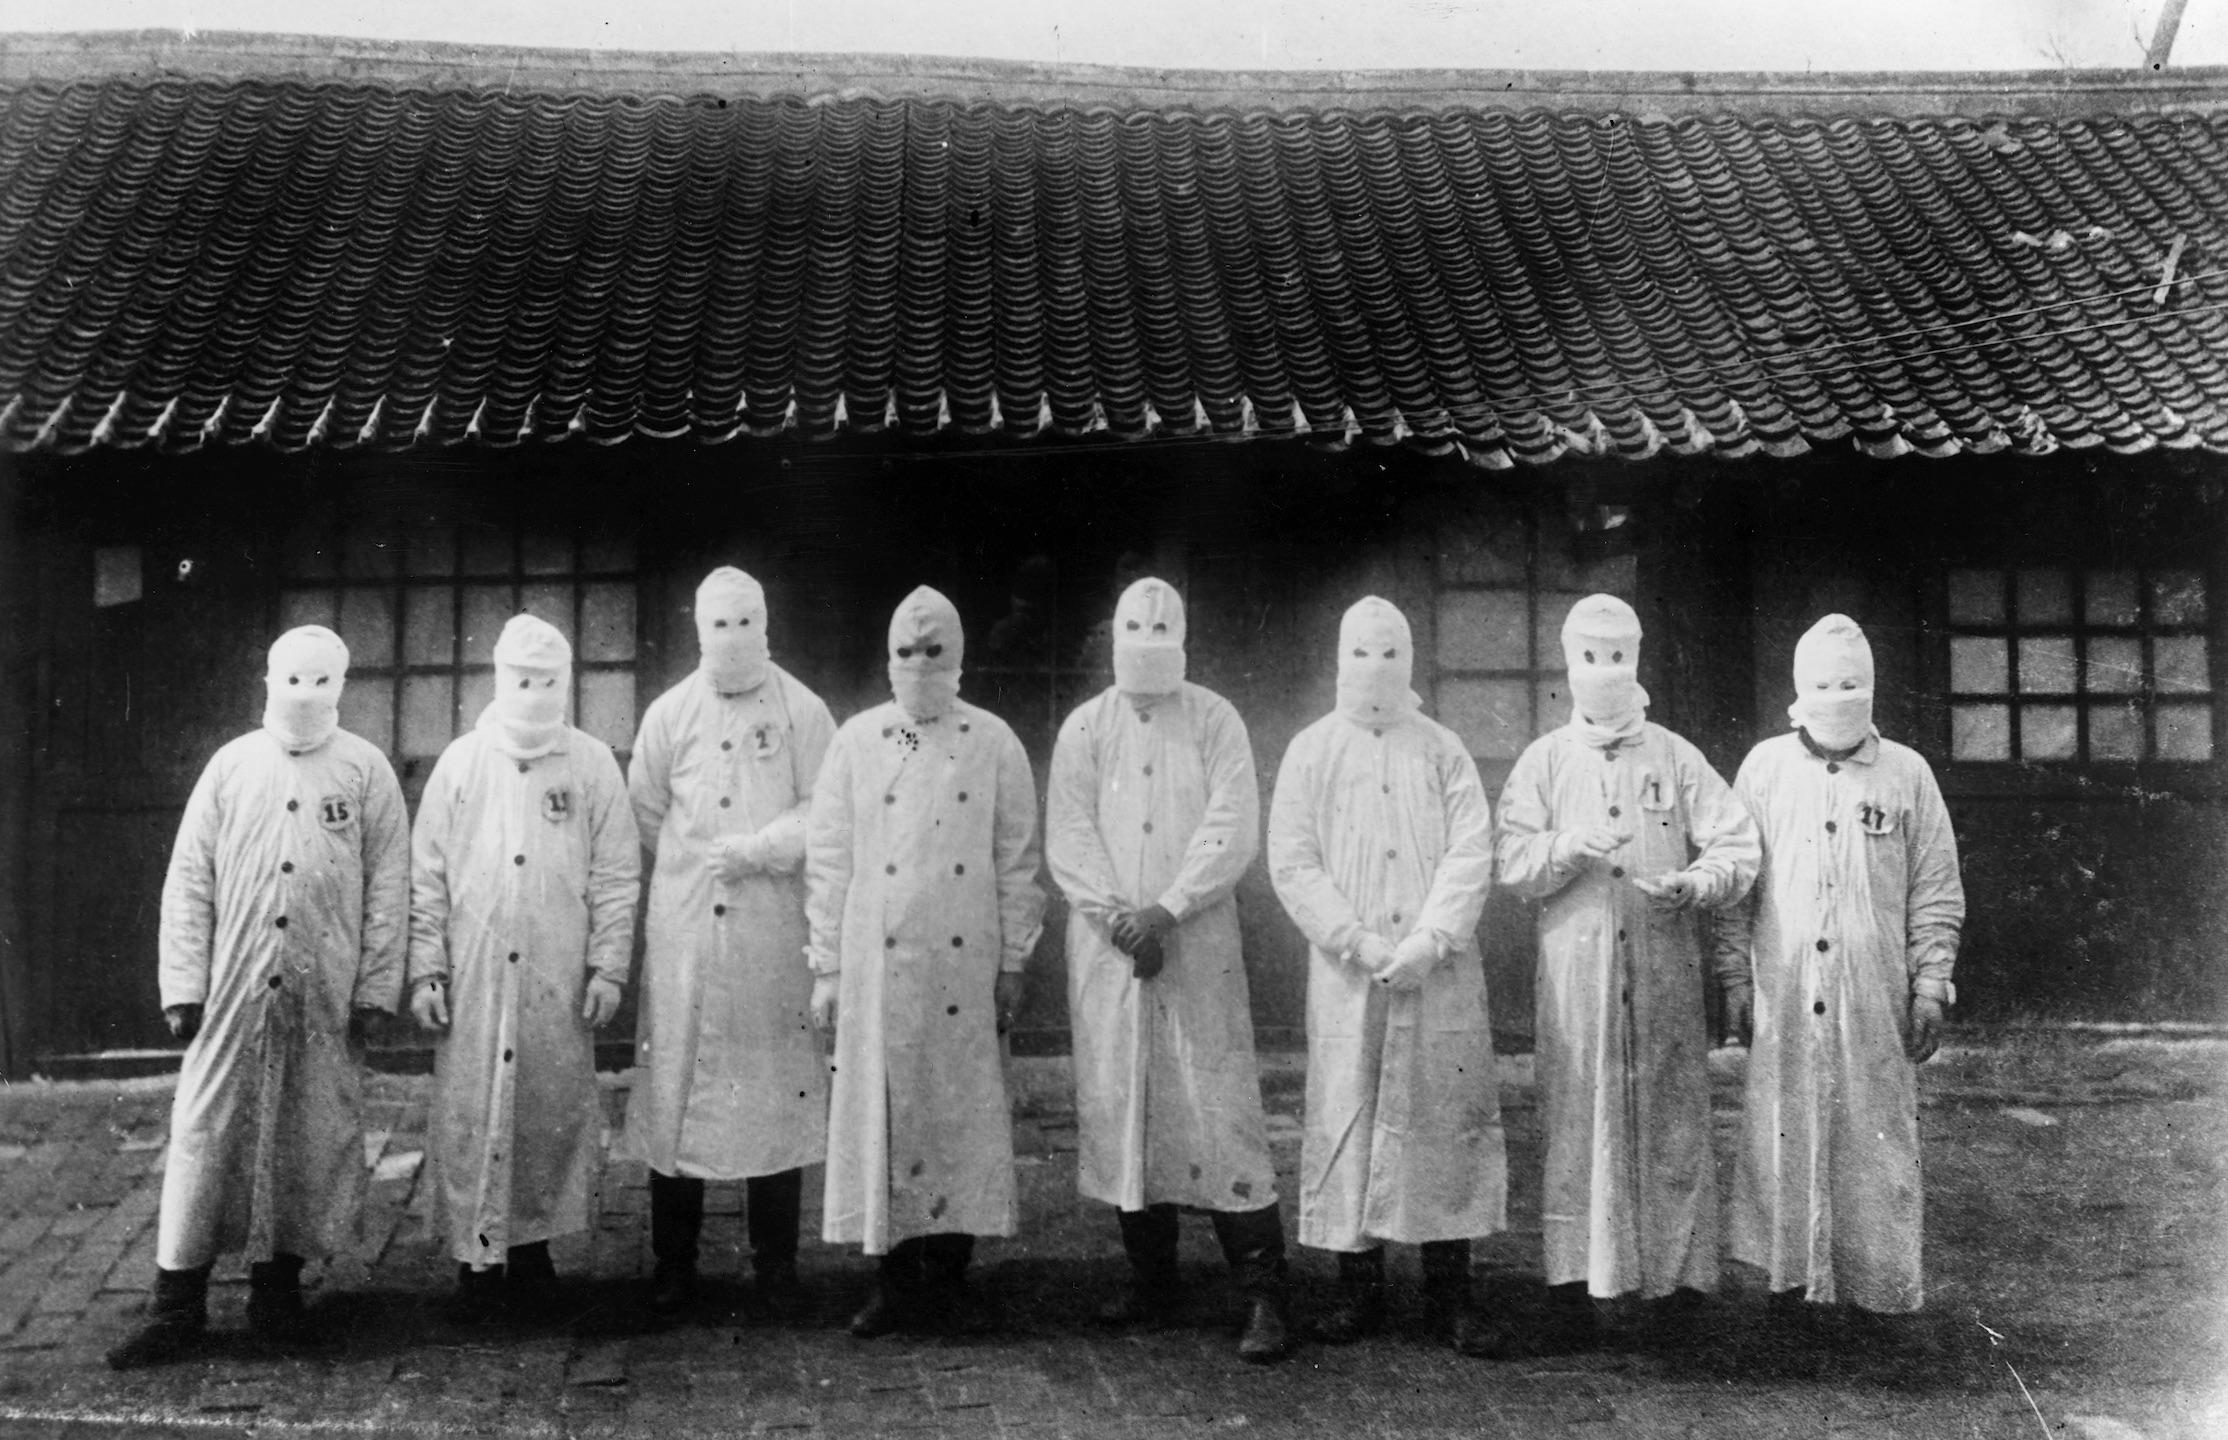 伍連德是近代第一個改良、宣導配戴口罩的公衛專家,「伍式口罩」成為滿州鼠疫的防護標誌。這場瘟疫之戰也讓他獲得諾貝爾提名,成為華人史上第一人。圖片來源│Institut Pasteur/Archives Henri Mollaret,universityl pf cambridge